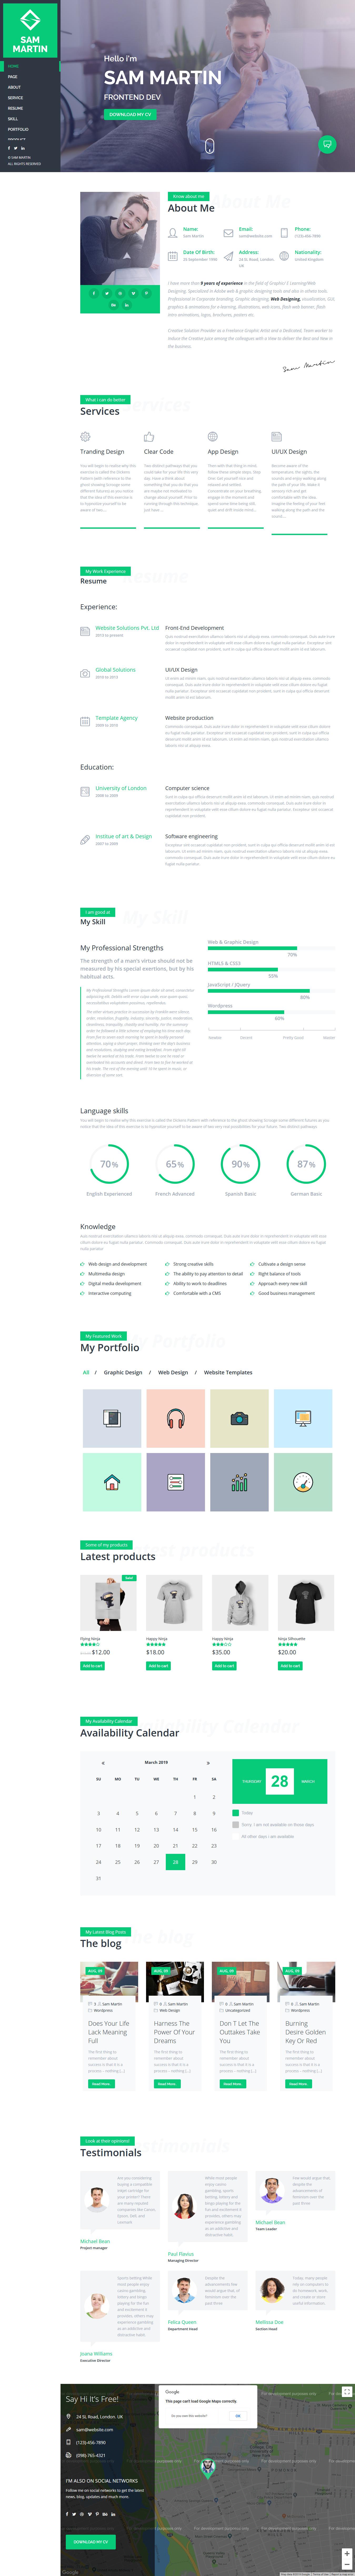 sam martin best premium resume wordpress theme - 10+ Best Premium Resume WordPress Themes